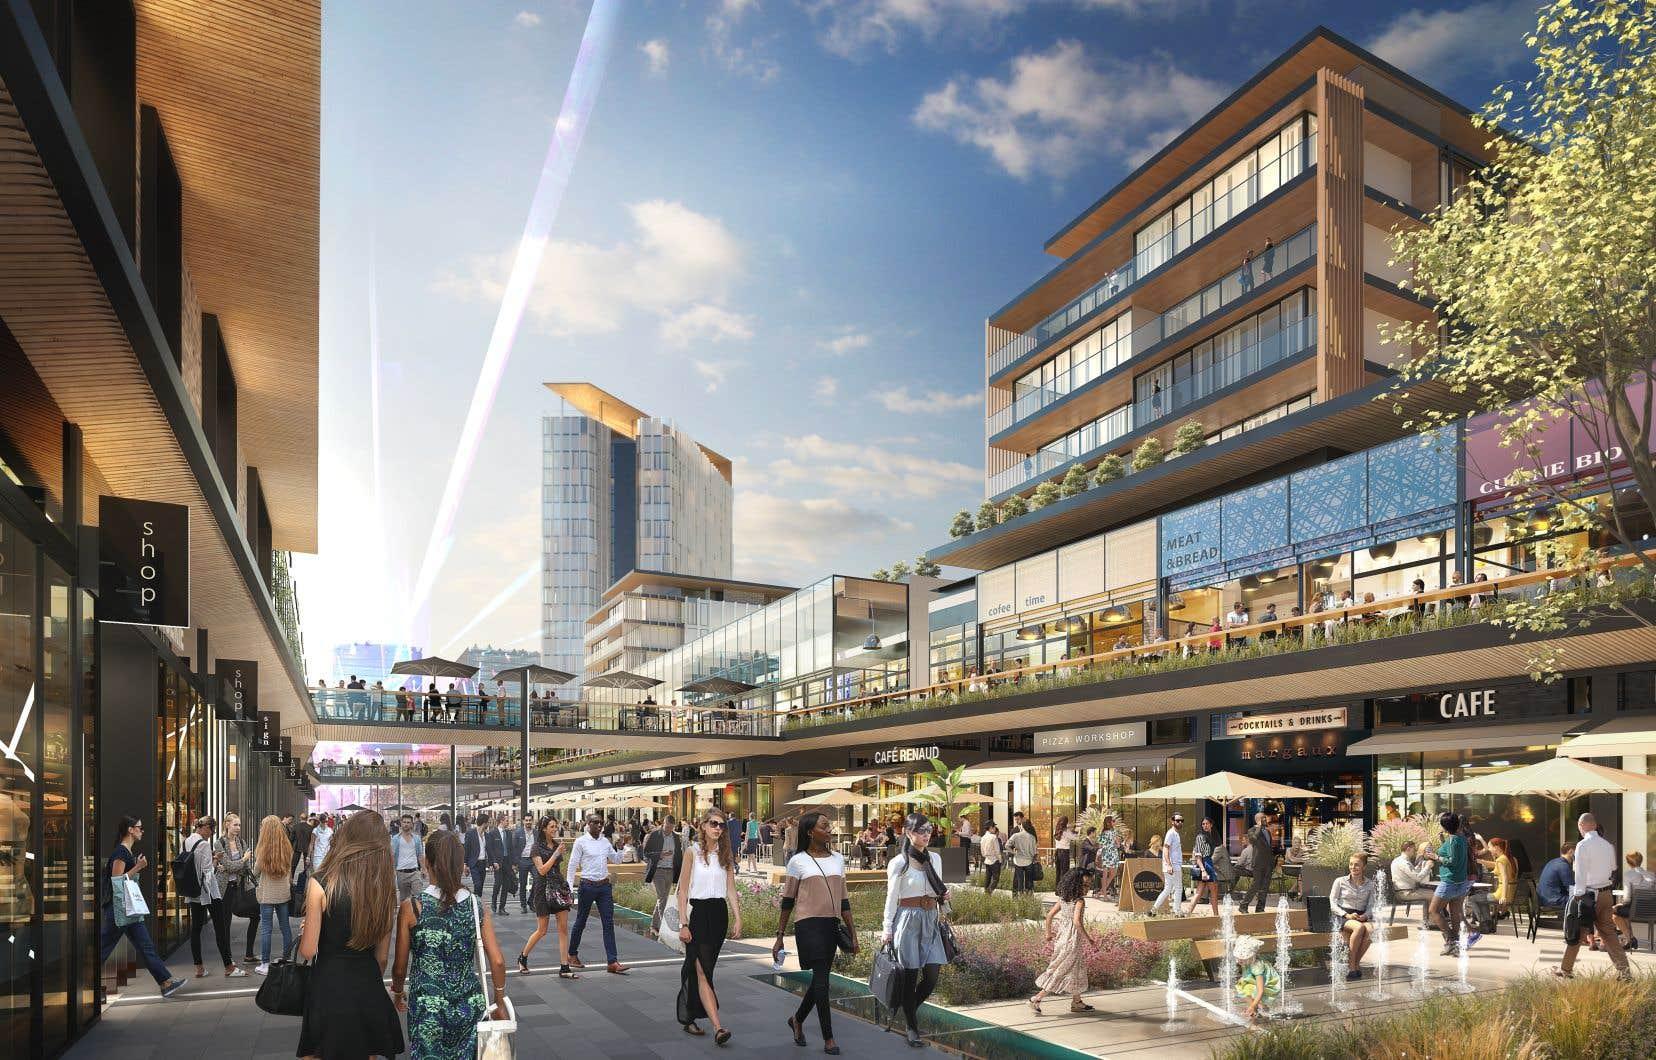 Les attentes sont grandes pour le développement d'un tout nouveau quartier sur l'ancien terrain de courses.